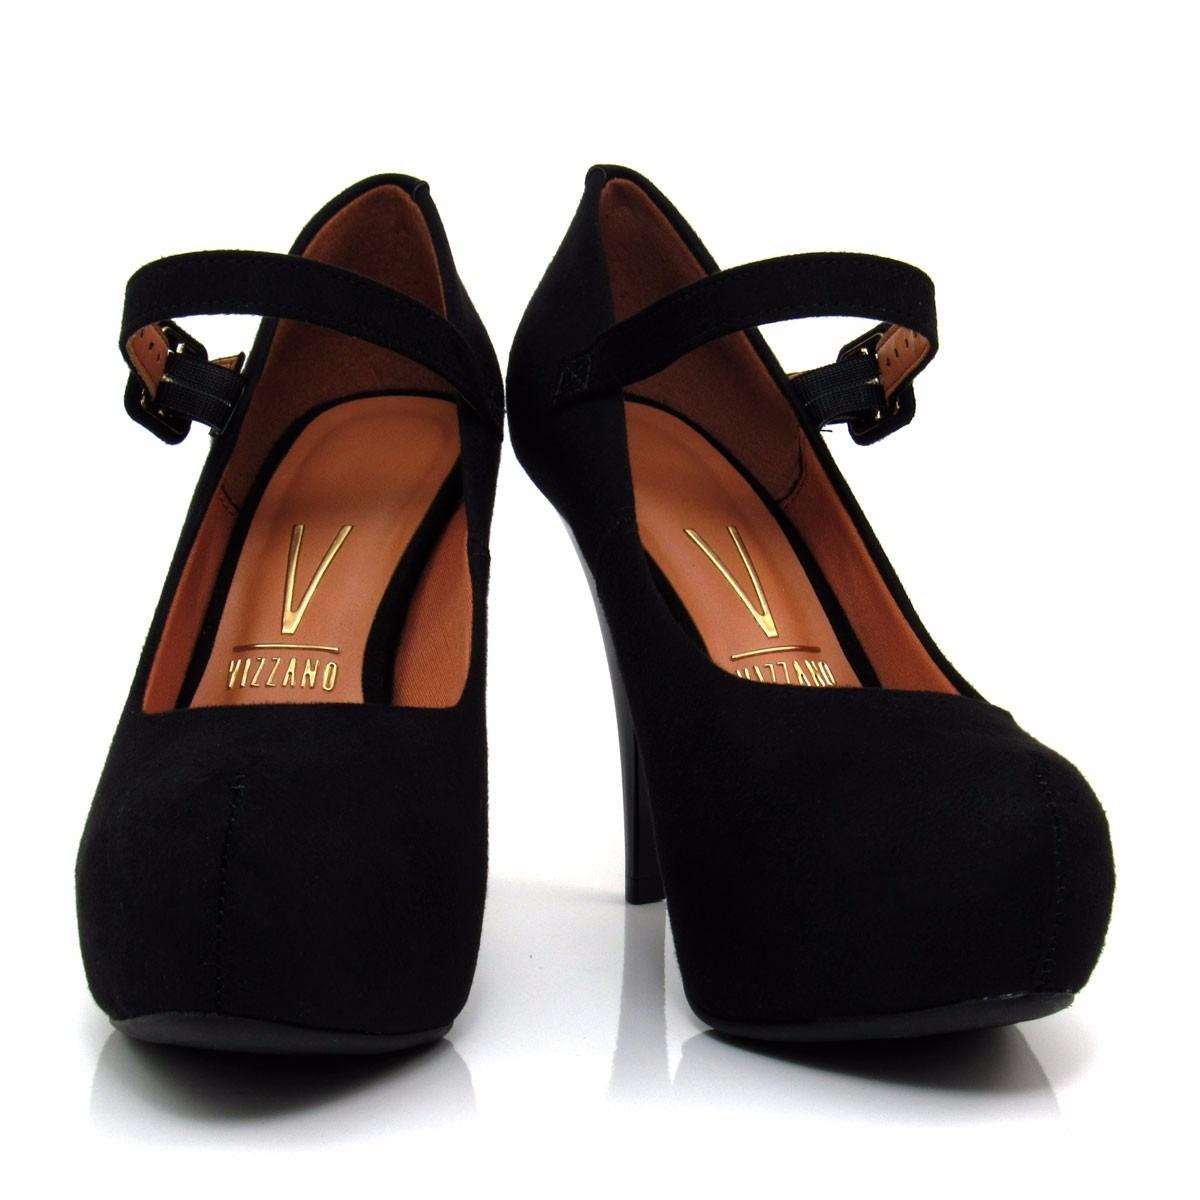 e7019cf345 sapato feminino scarpin vizzano 1143304 meia pata boneca. Carregando zoom.